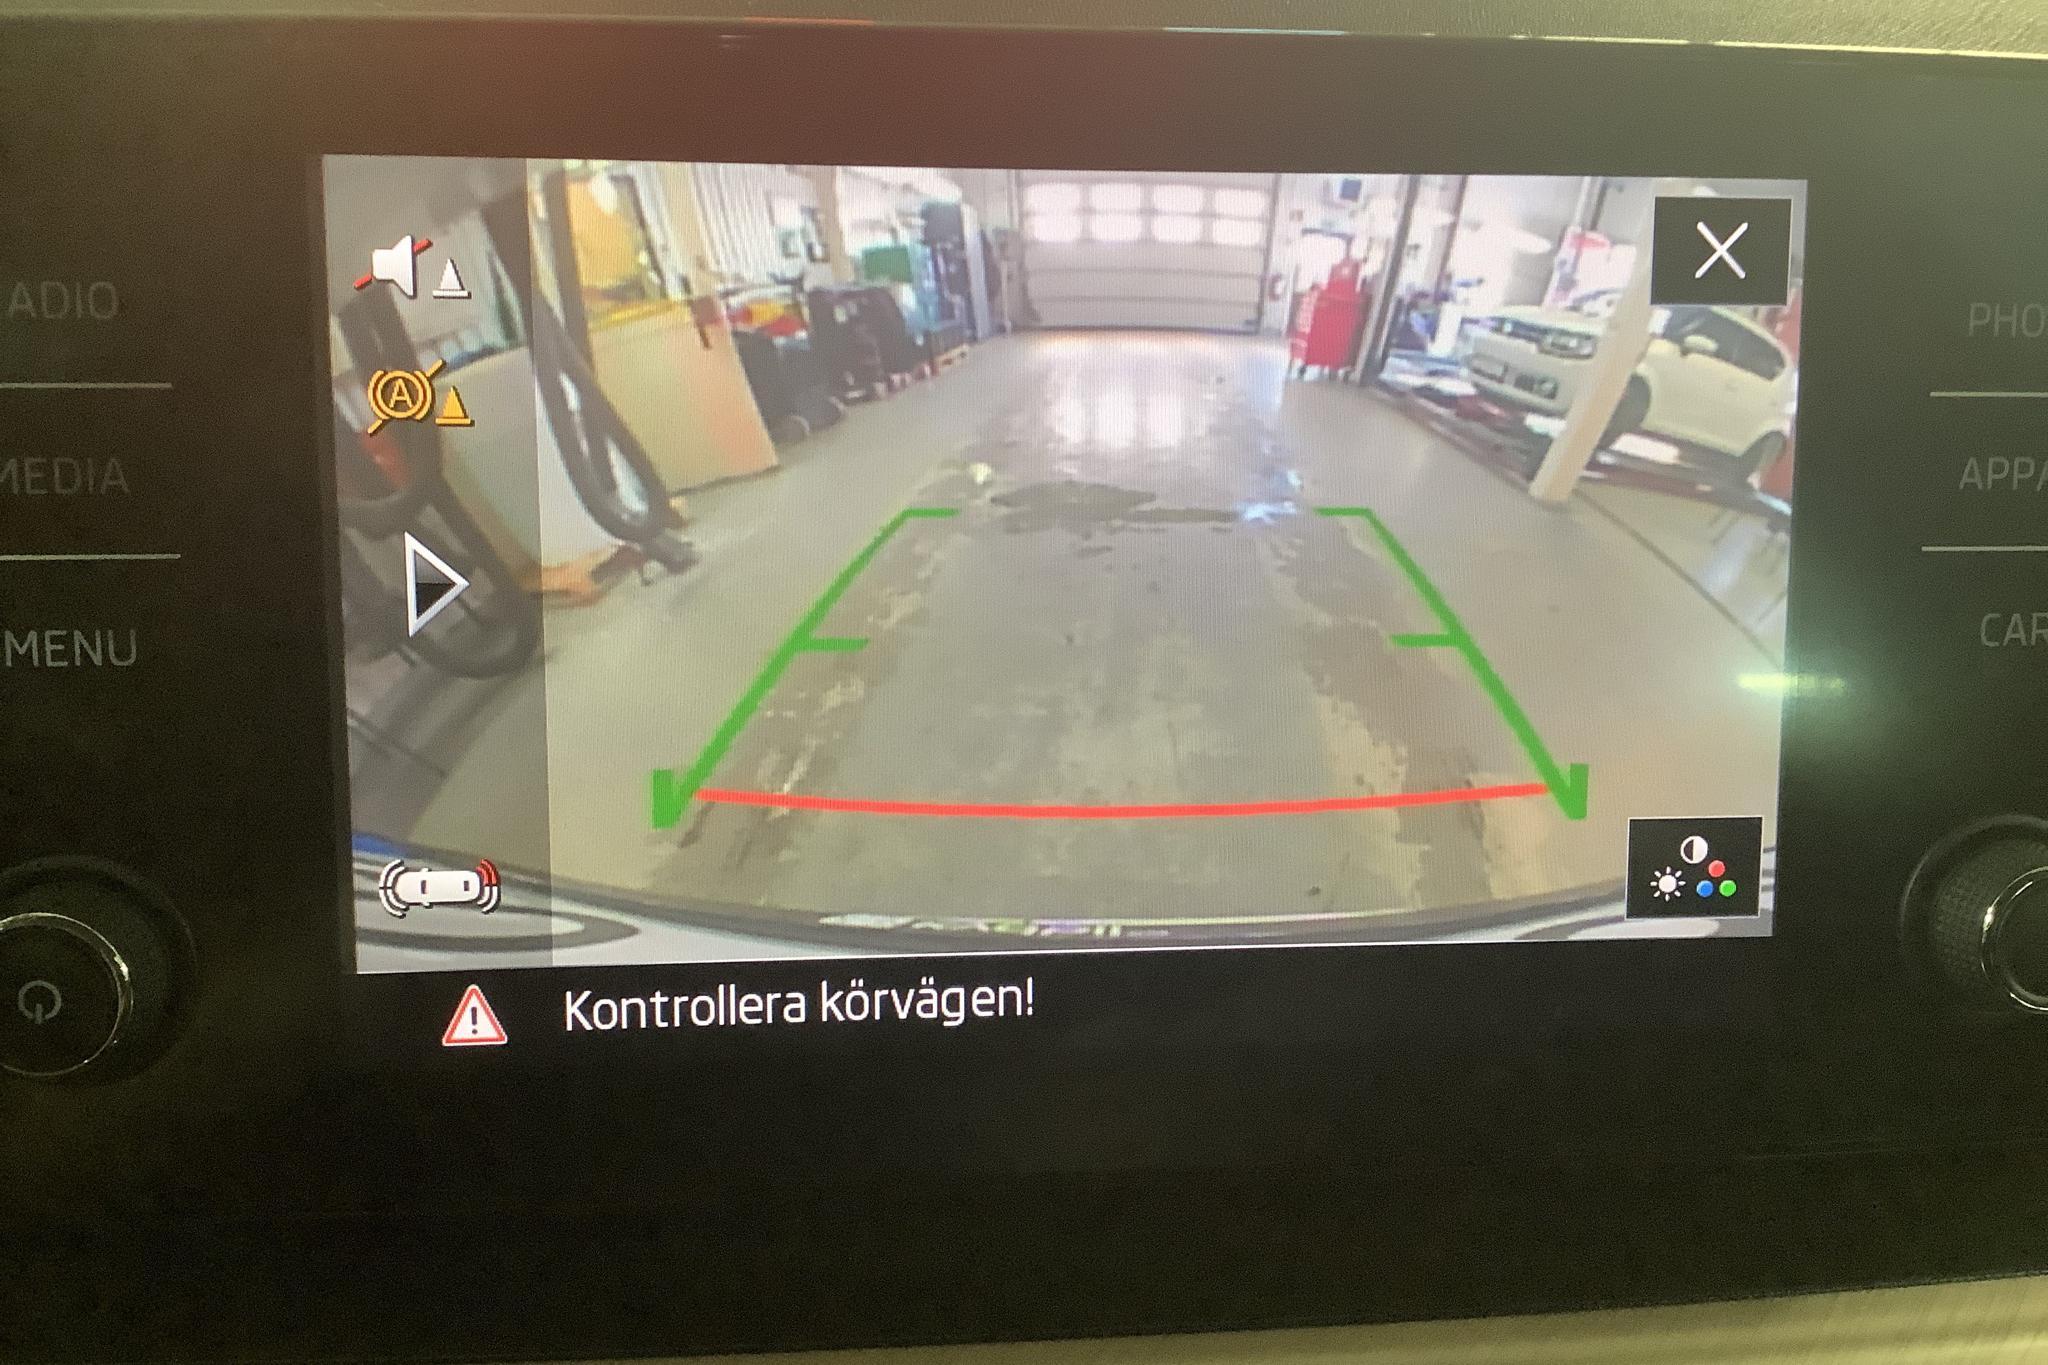 Skoda Kamiq 1.0 TSI (115hk) - 30 070 km - Automatic - white - 2020